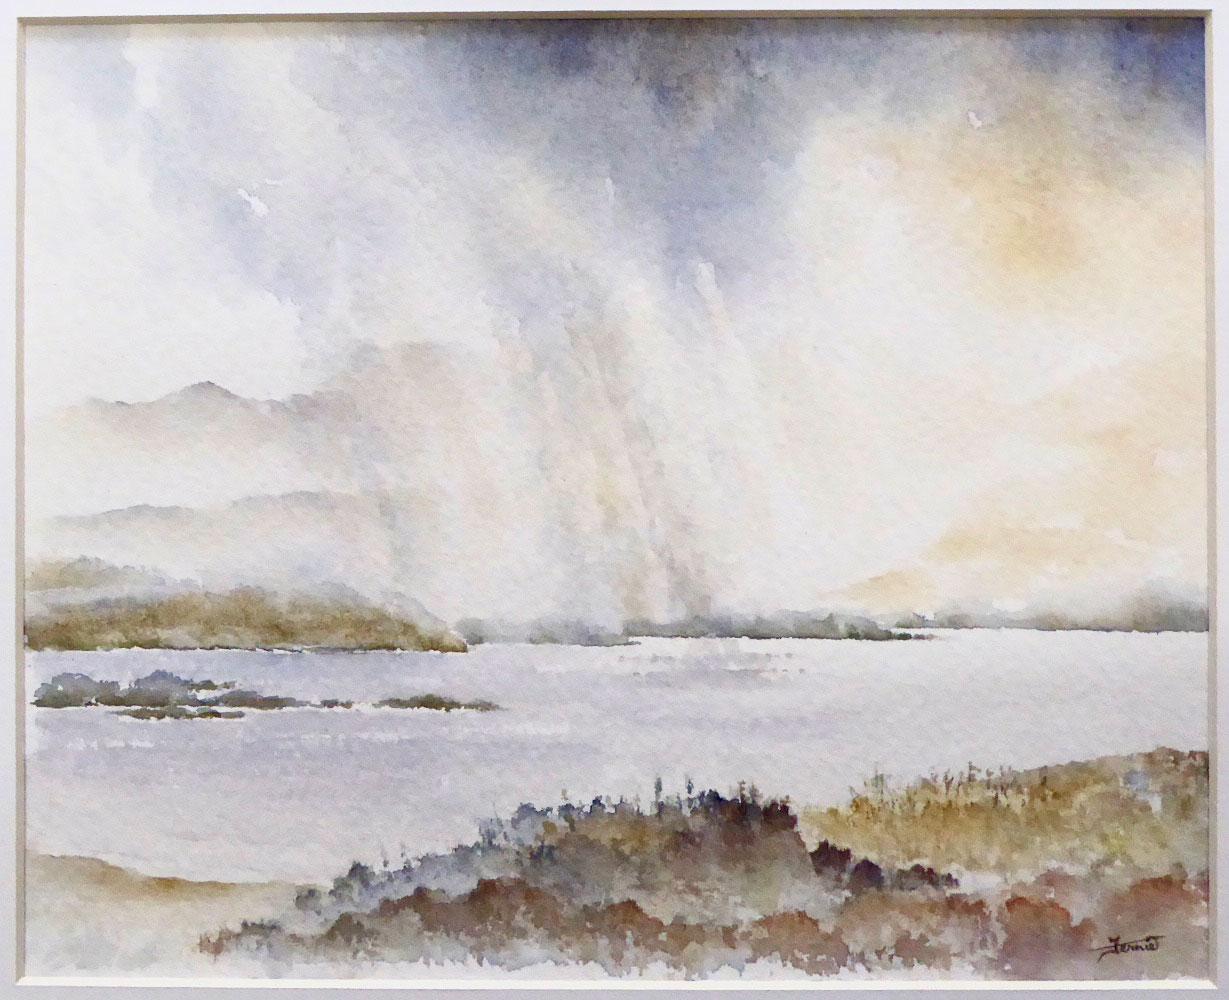 Susan Clare M Fernie - Rainstorm Coral Beach